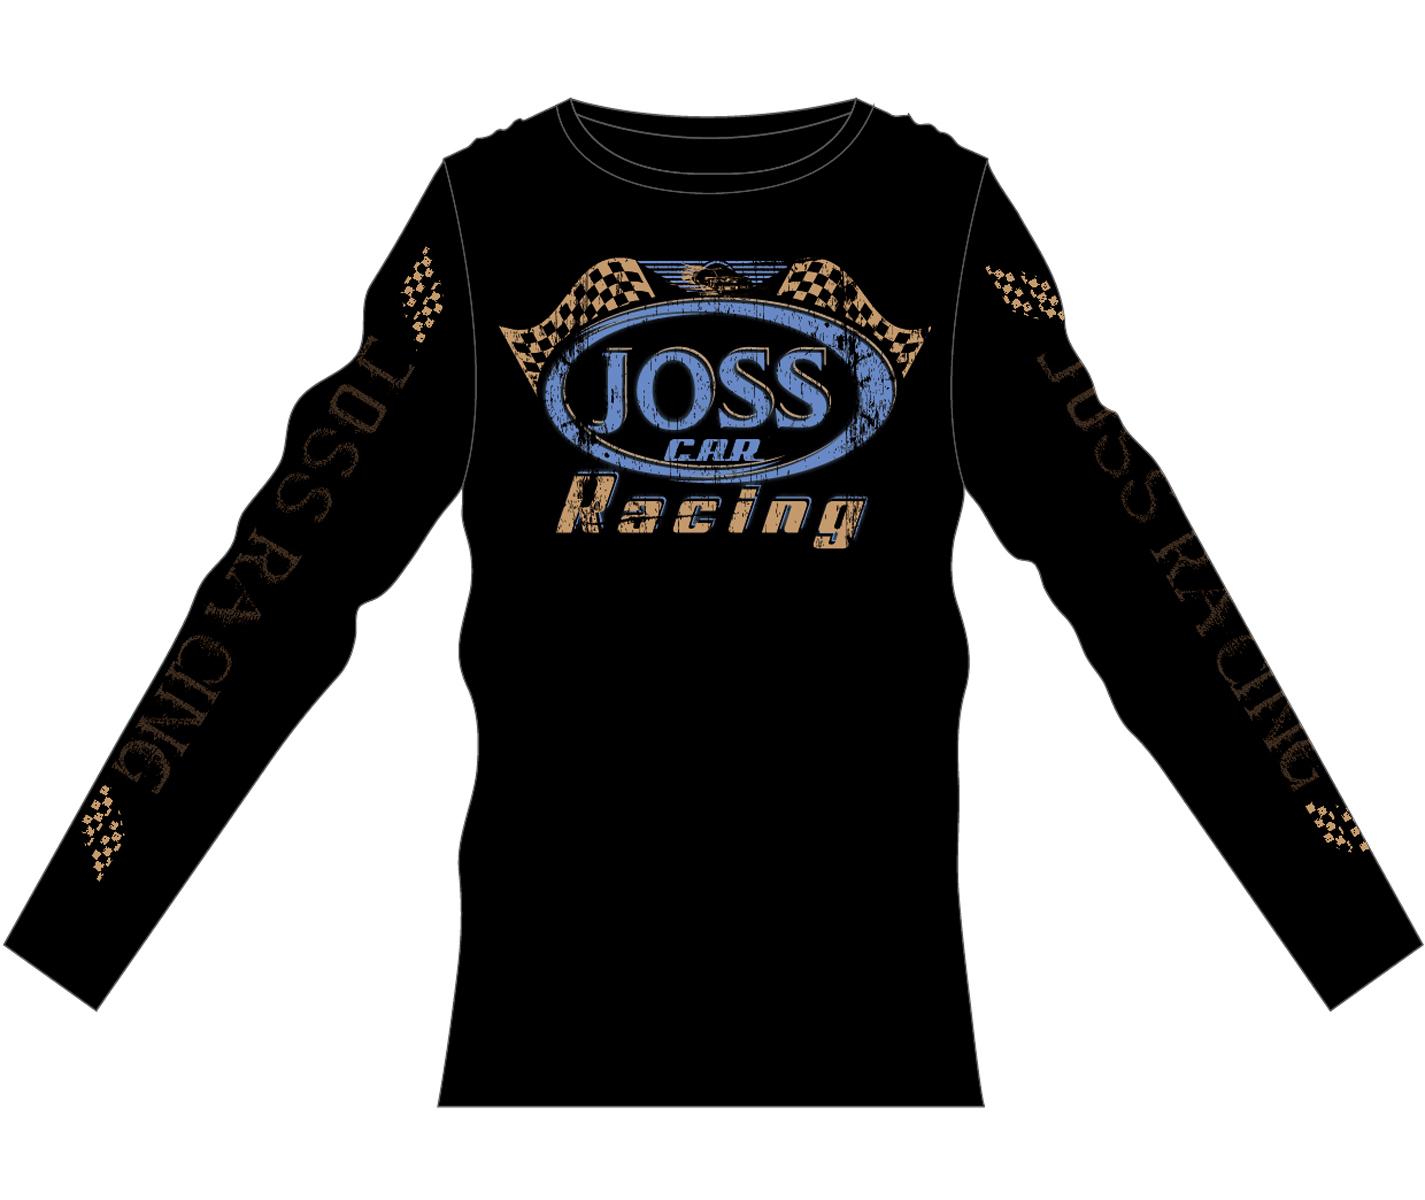 Serious Professional T Shirt Design For Matt Joss By